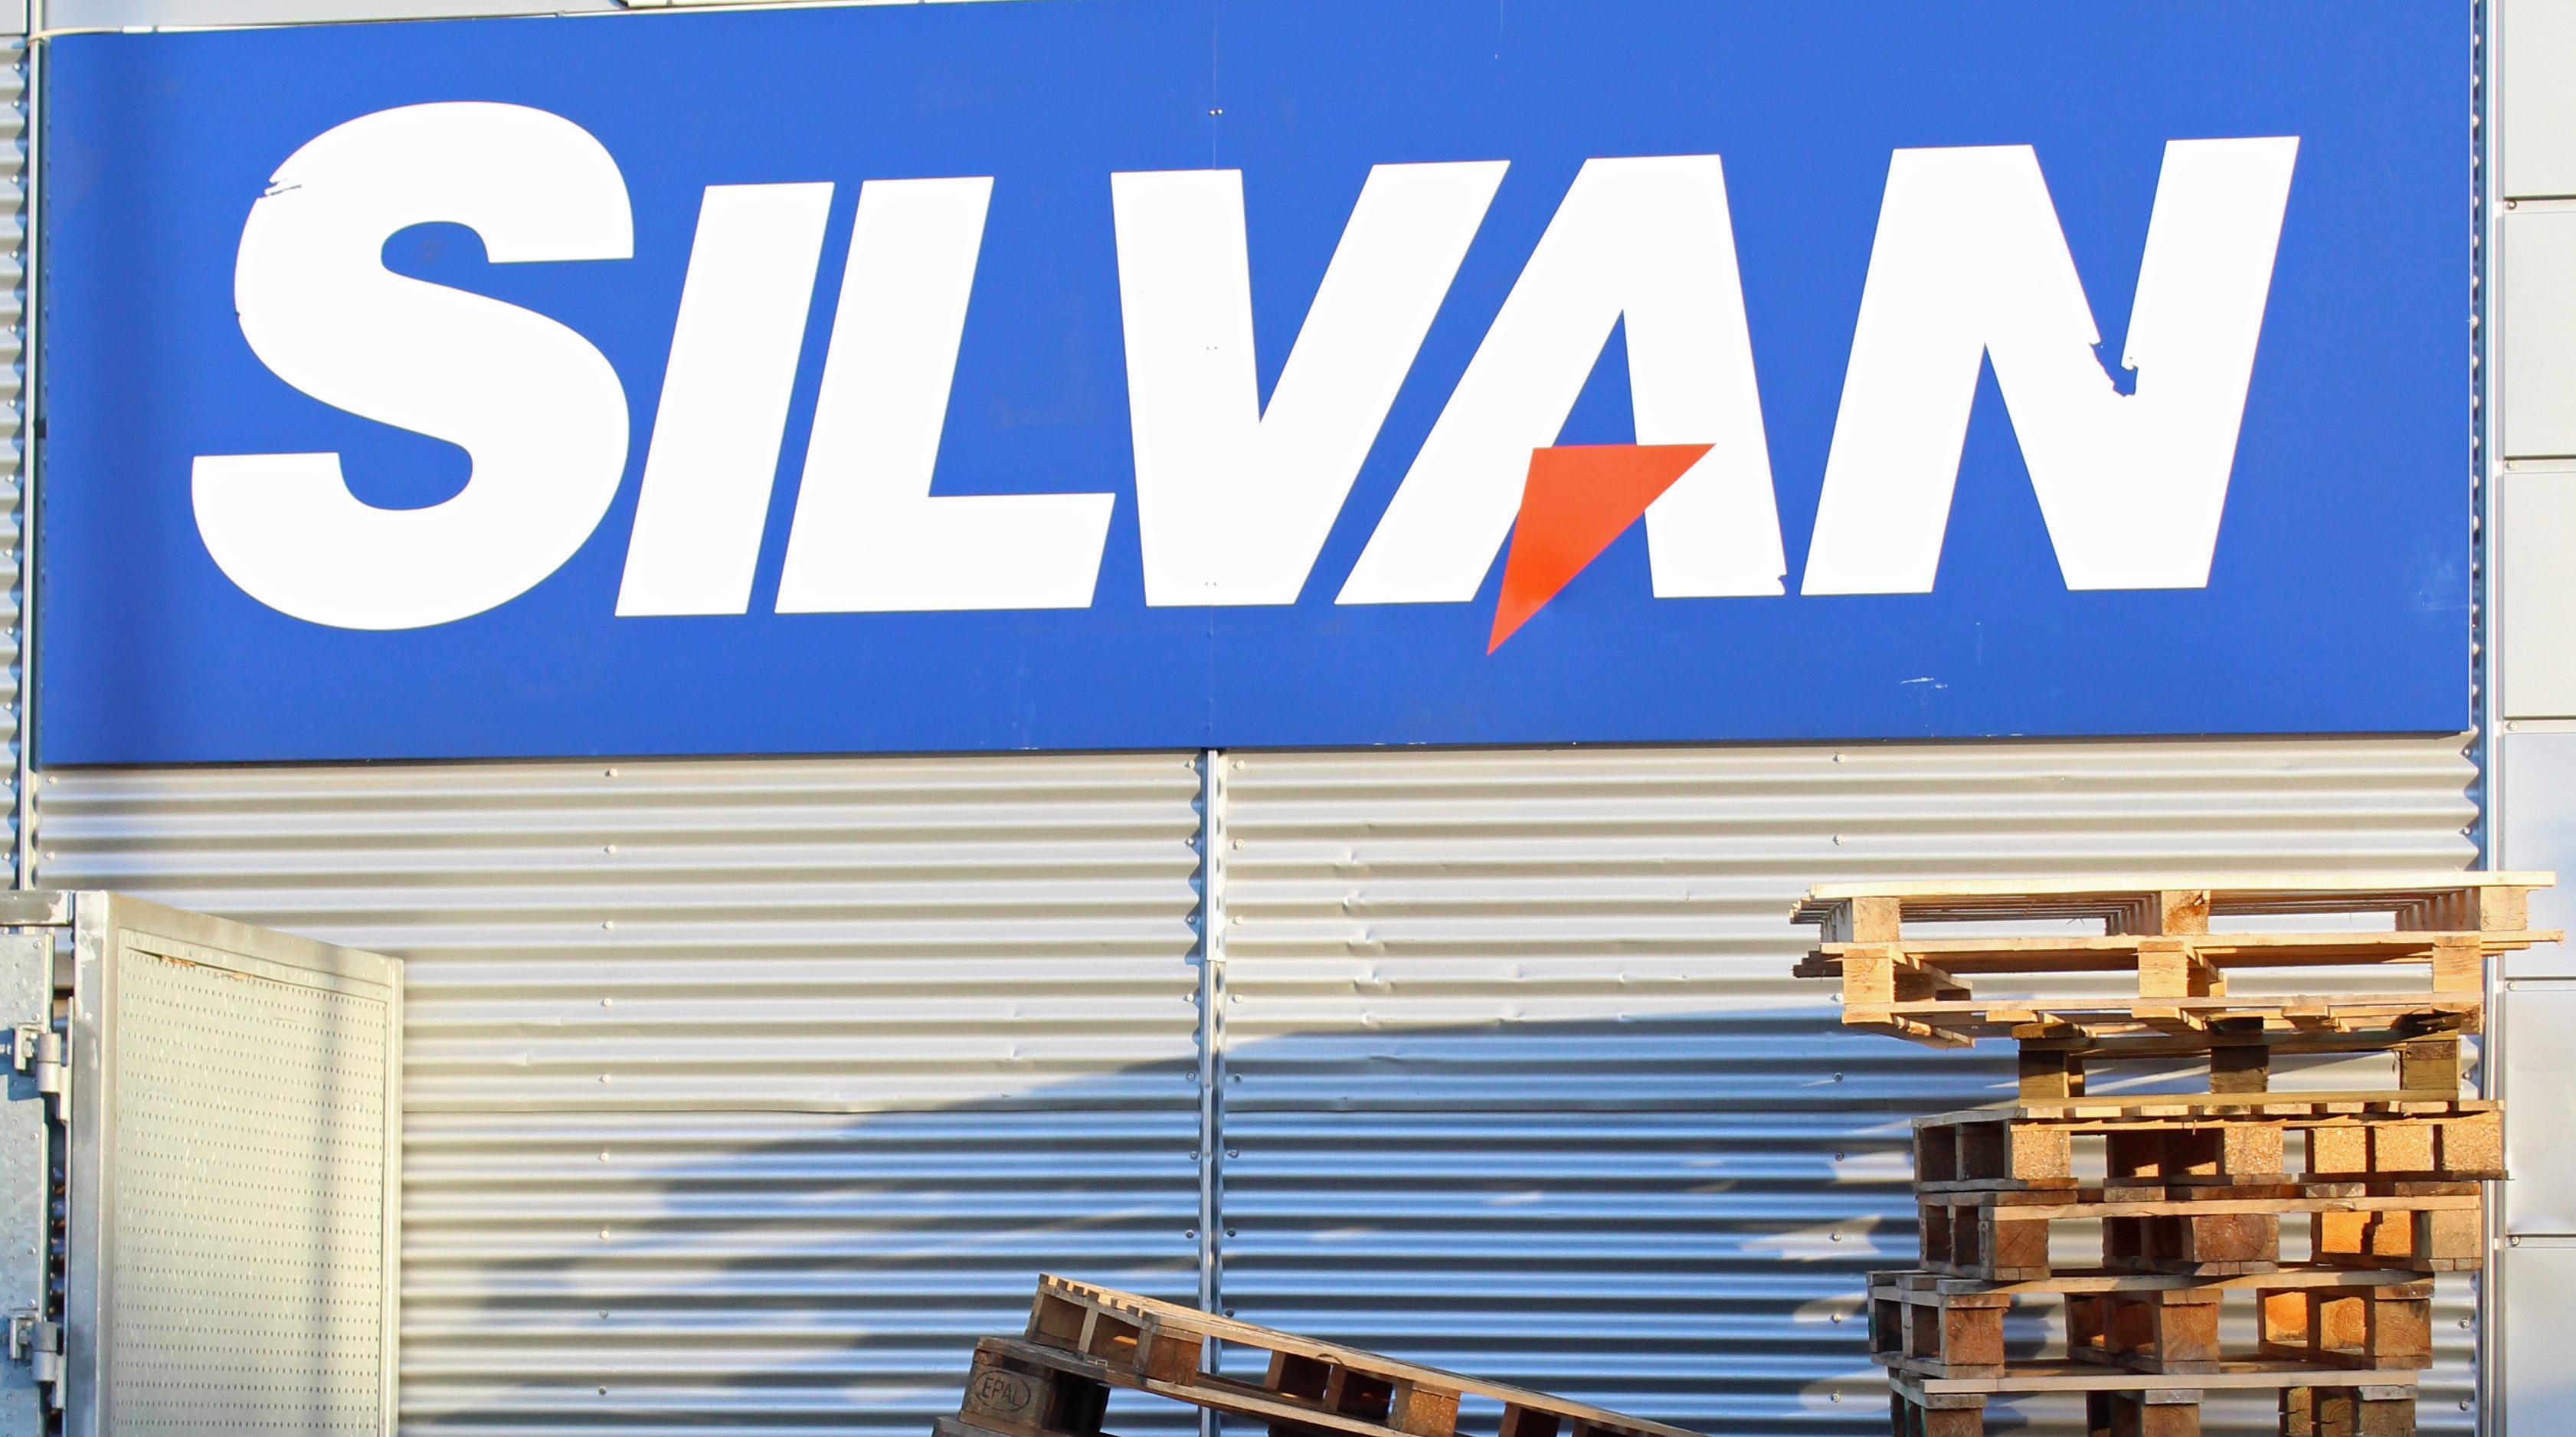 Et Dusin Noglemedarbejdere Har Forladt Silvan Efter Direktorskifte Retailnews